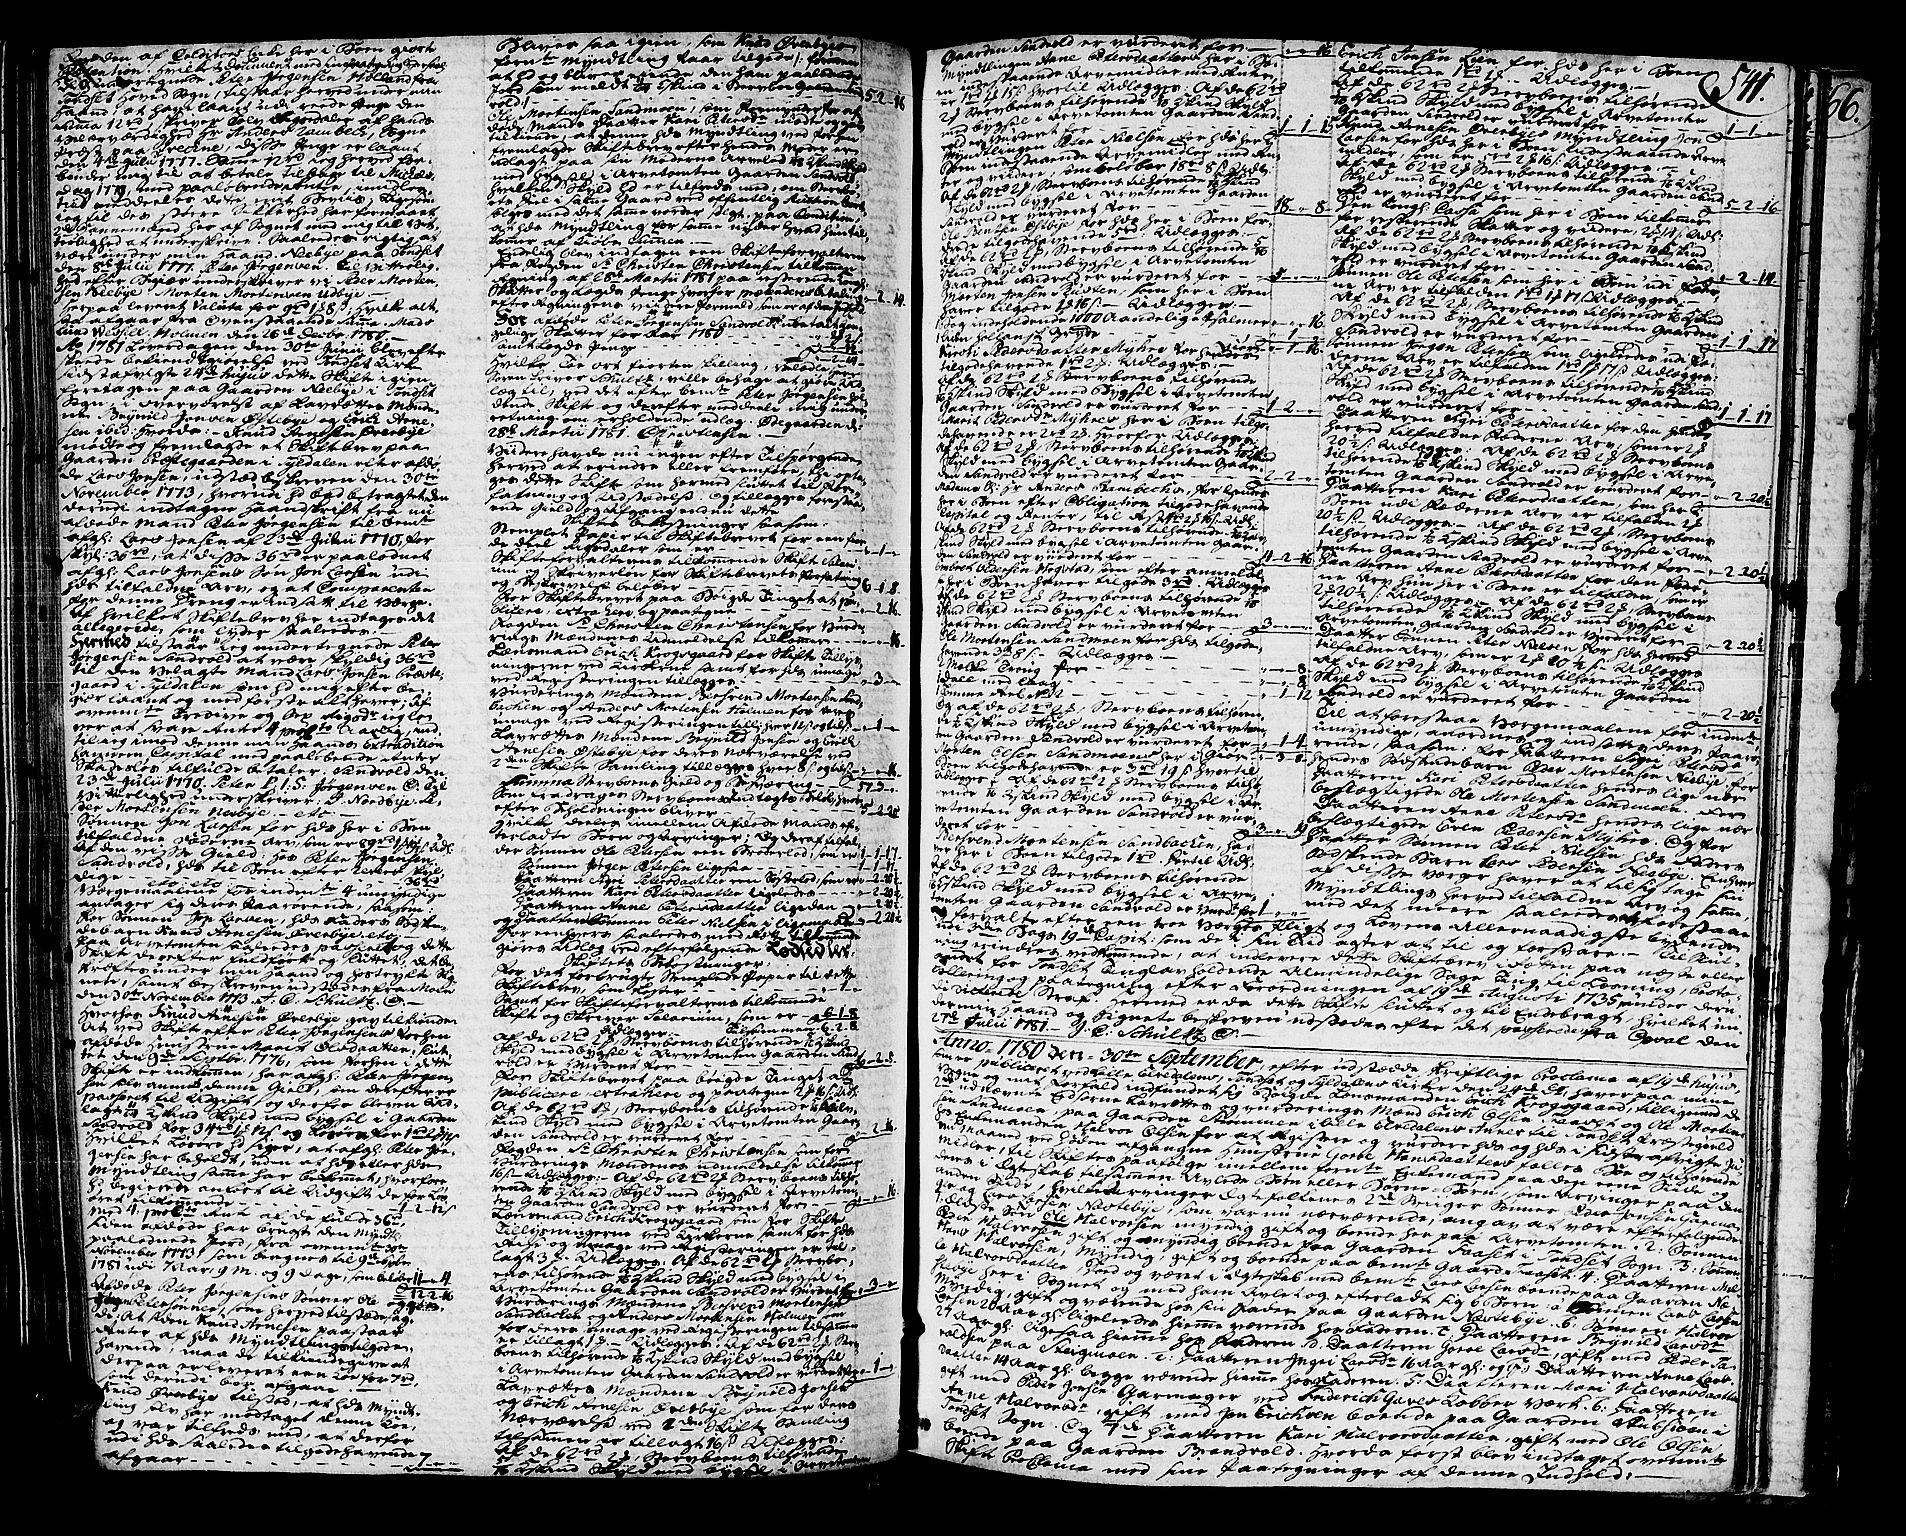 SAH, Østerdalen sorenskriveri, J/Ja/L0003: Skifteprotokoll, 1776-1781, s. 540b-541a